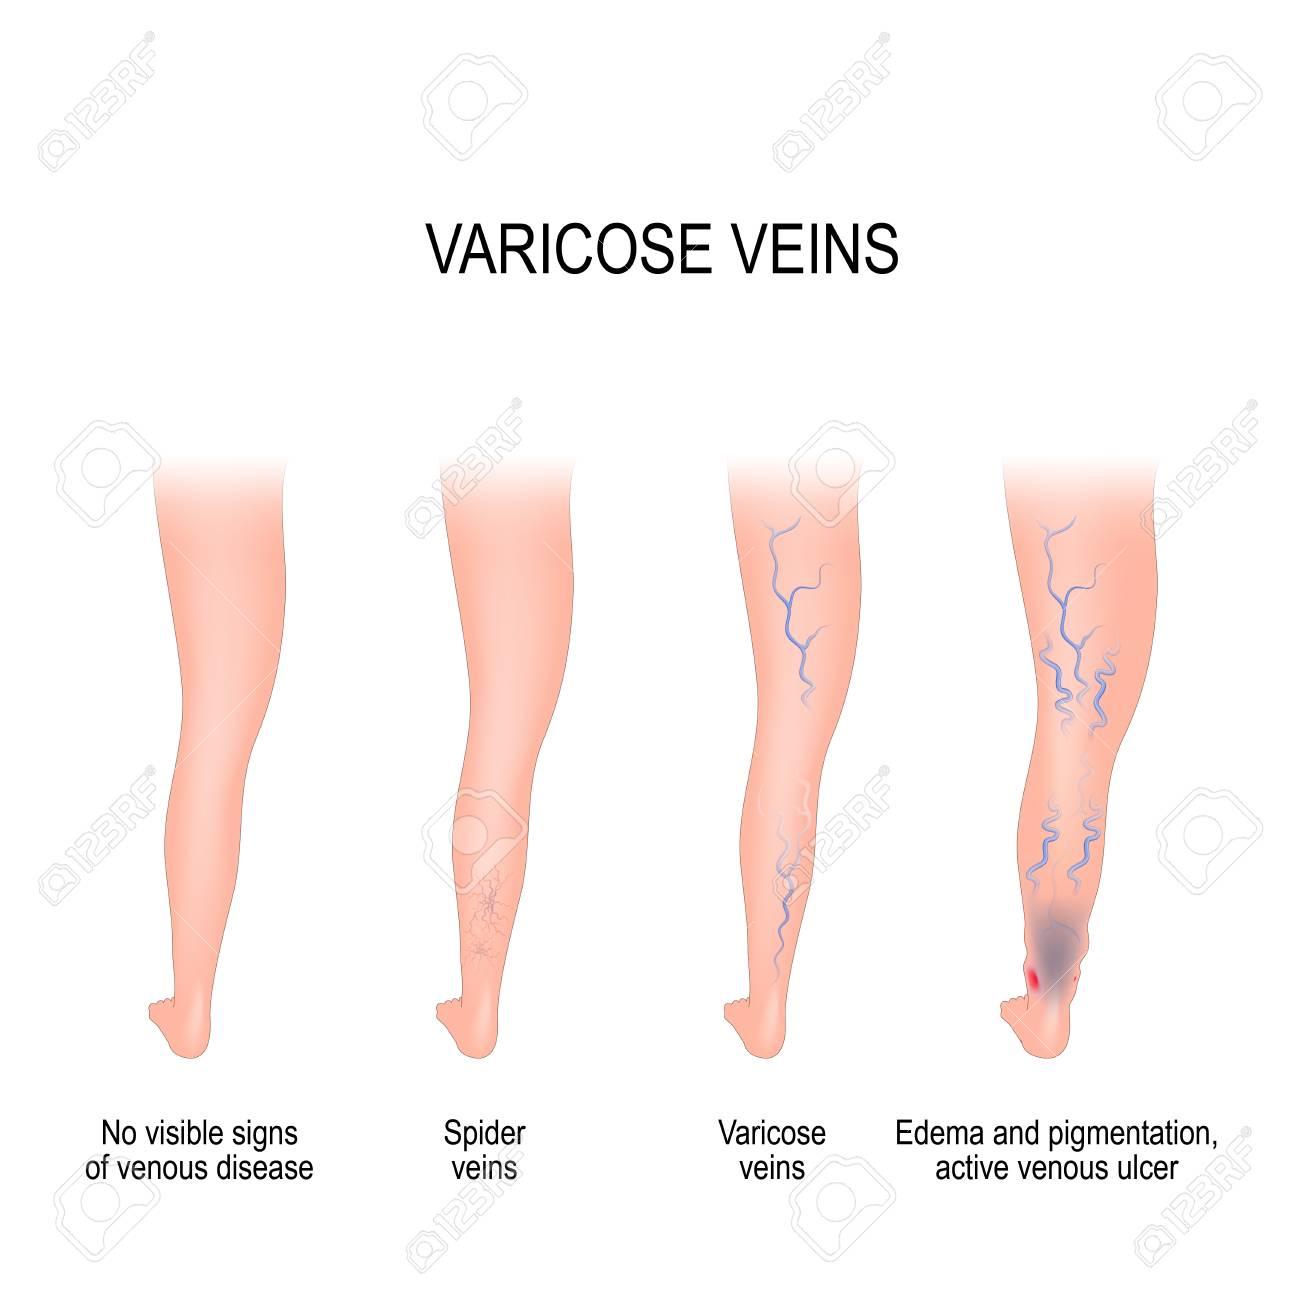 Etapas De Las Varices: Desde Signos No Visibles De Enfermedad Venosa ...